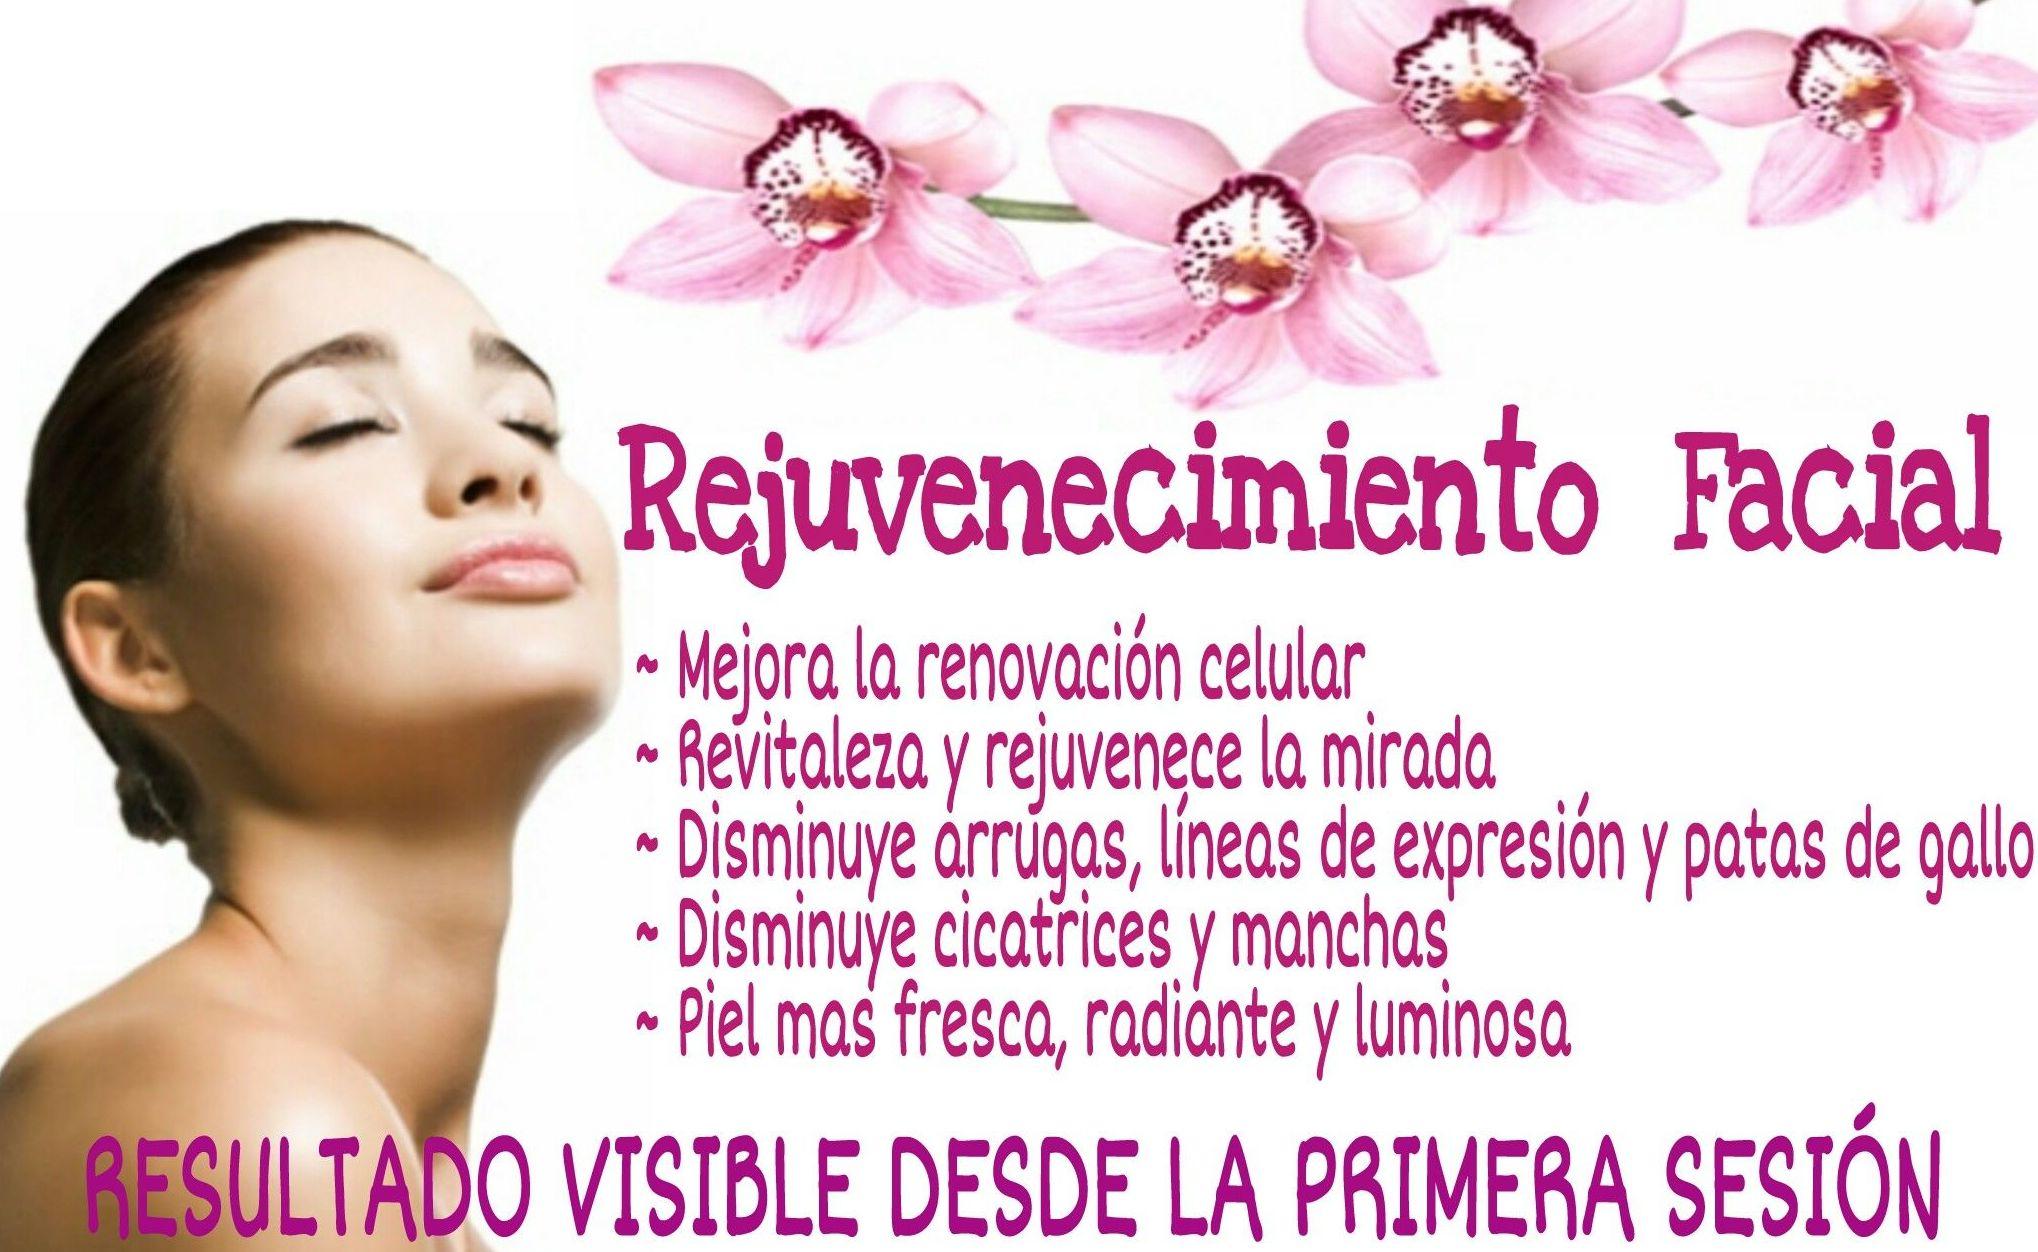 Tratamientos faciales  : Servicios de Alejandra Estética y Belleza